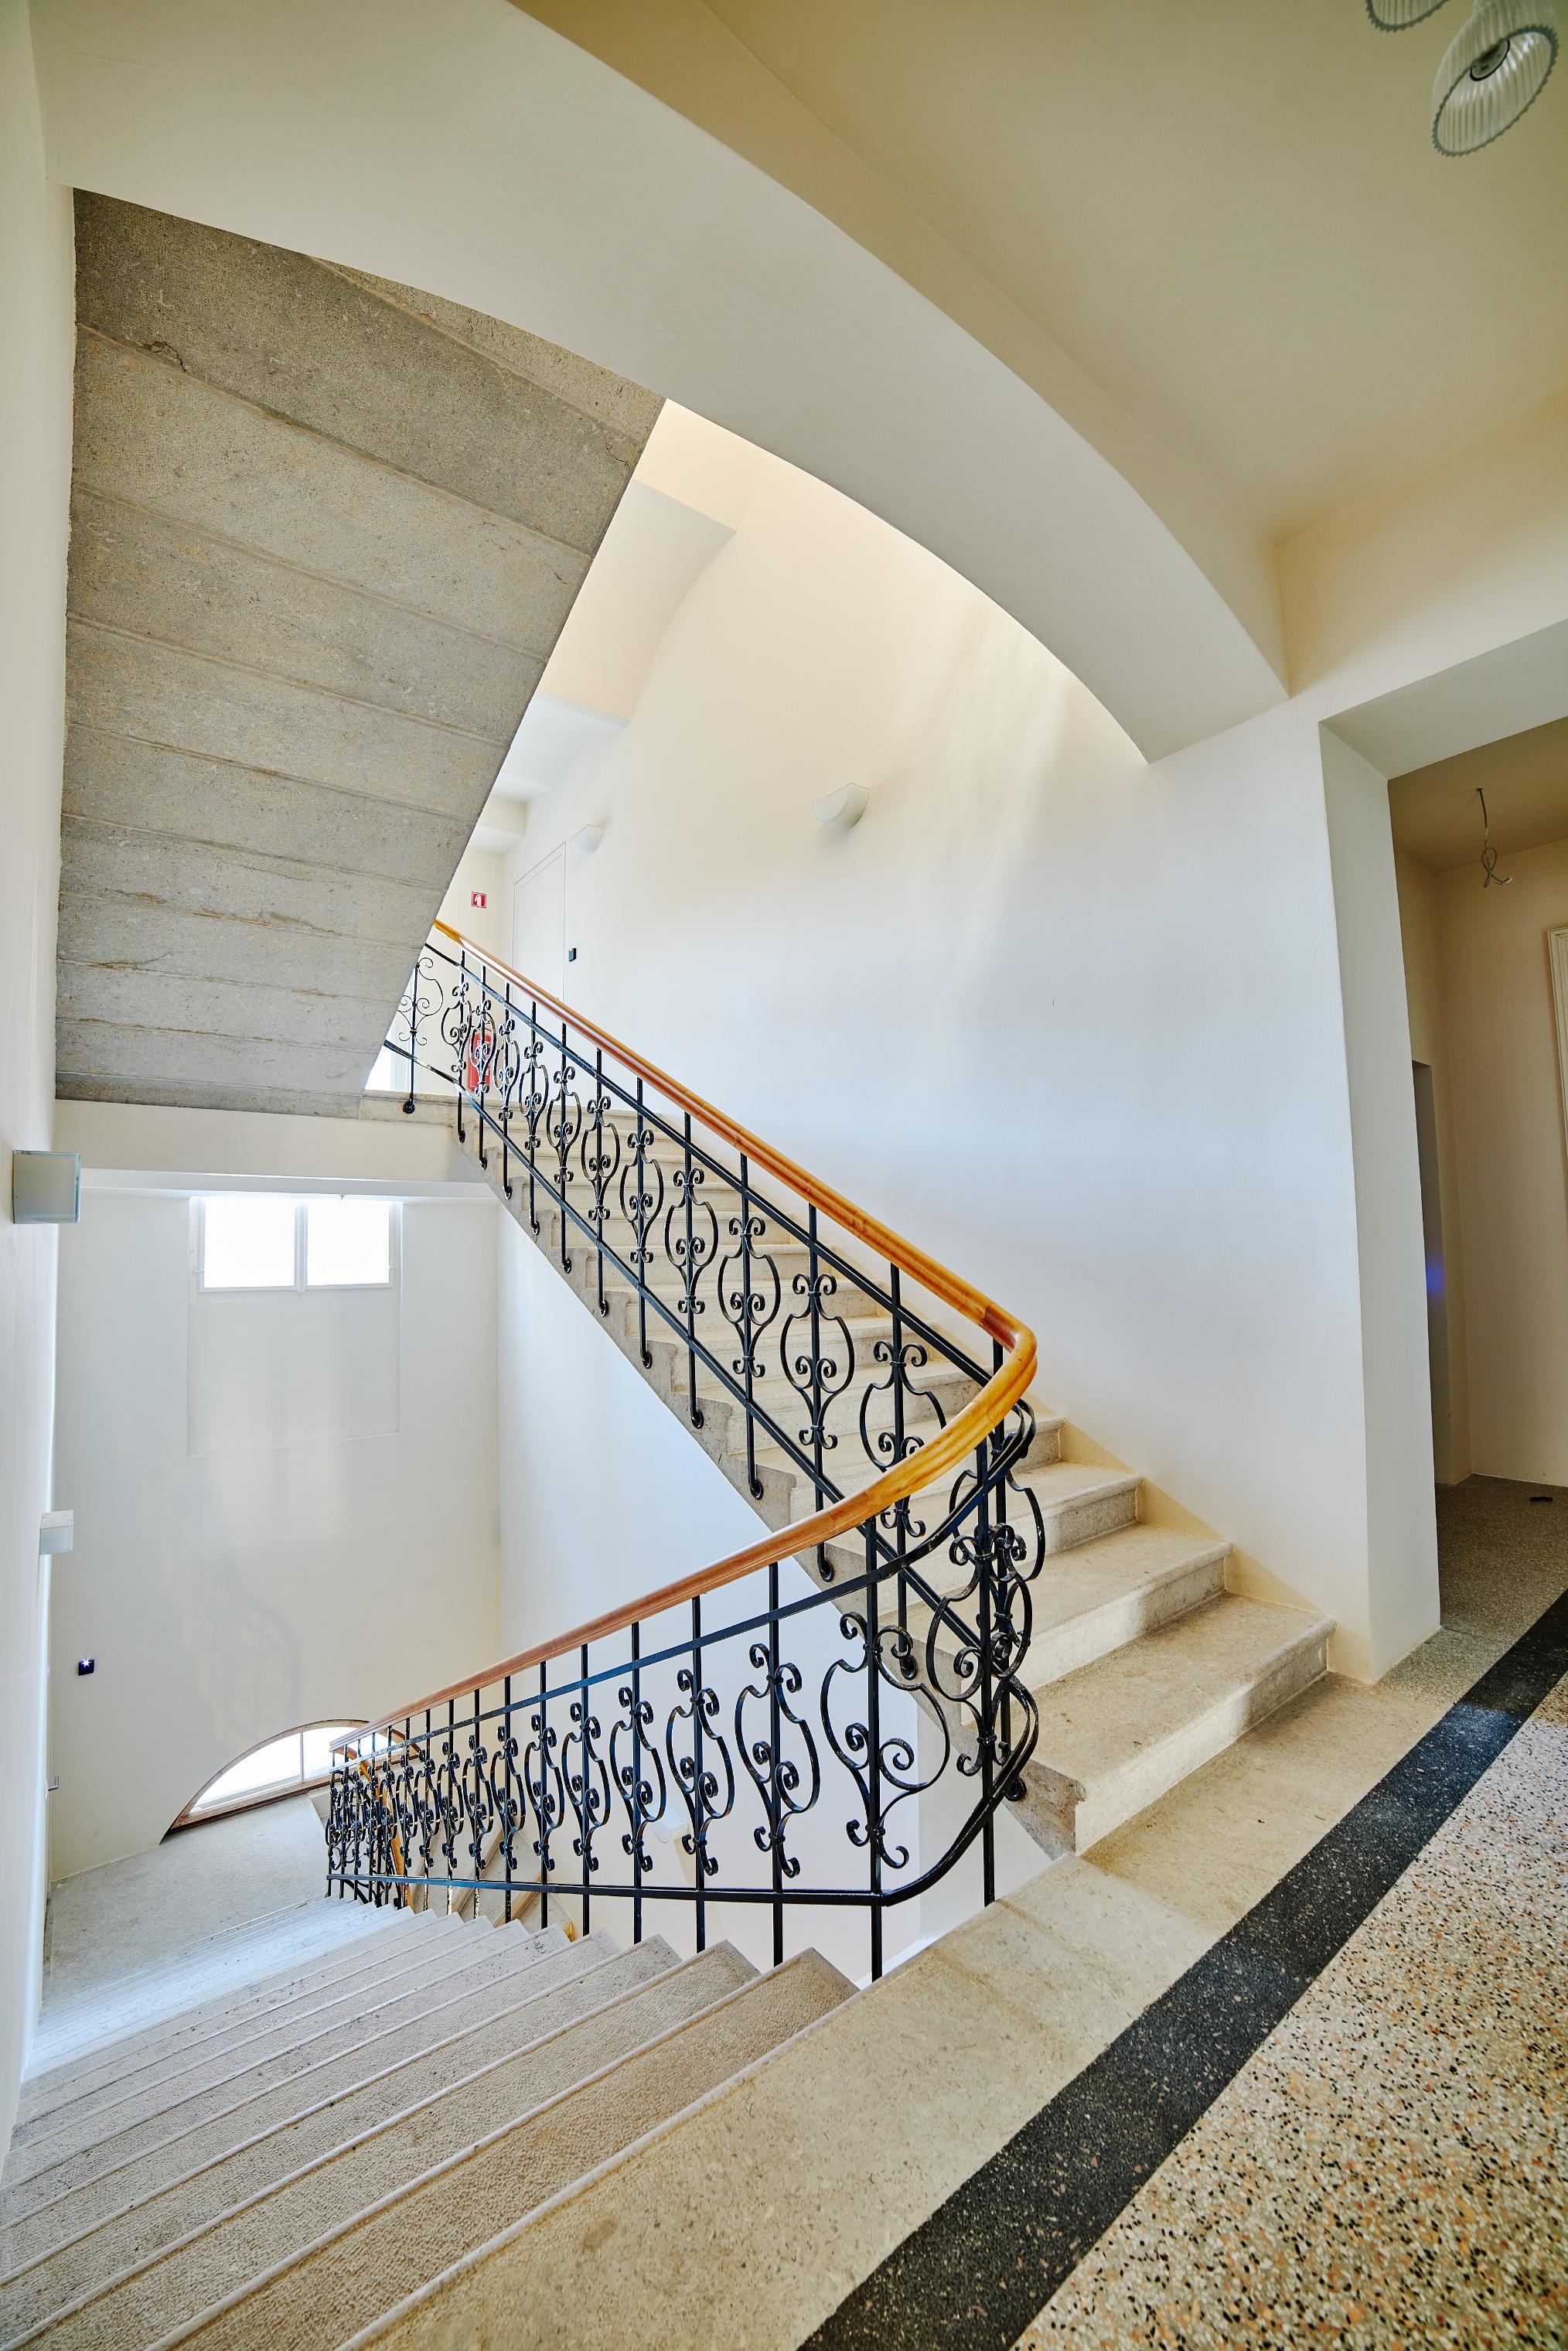 apiarhitekti-narodna-galerija-11